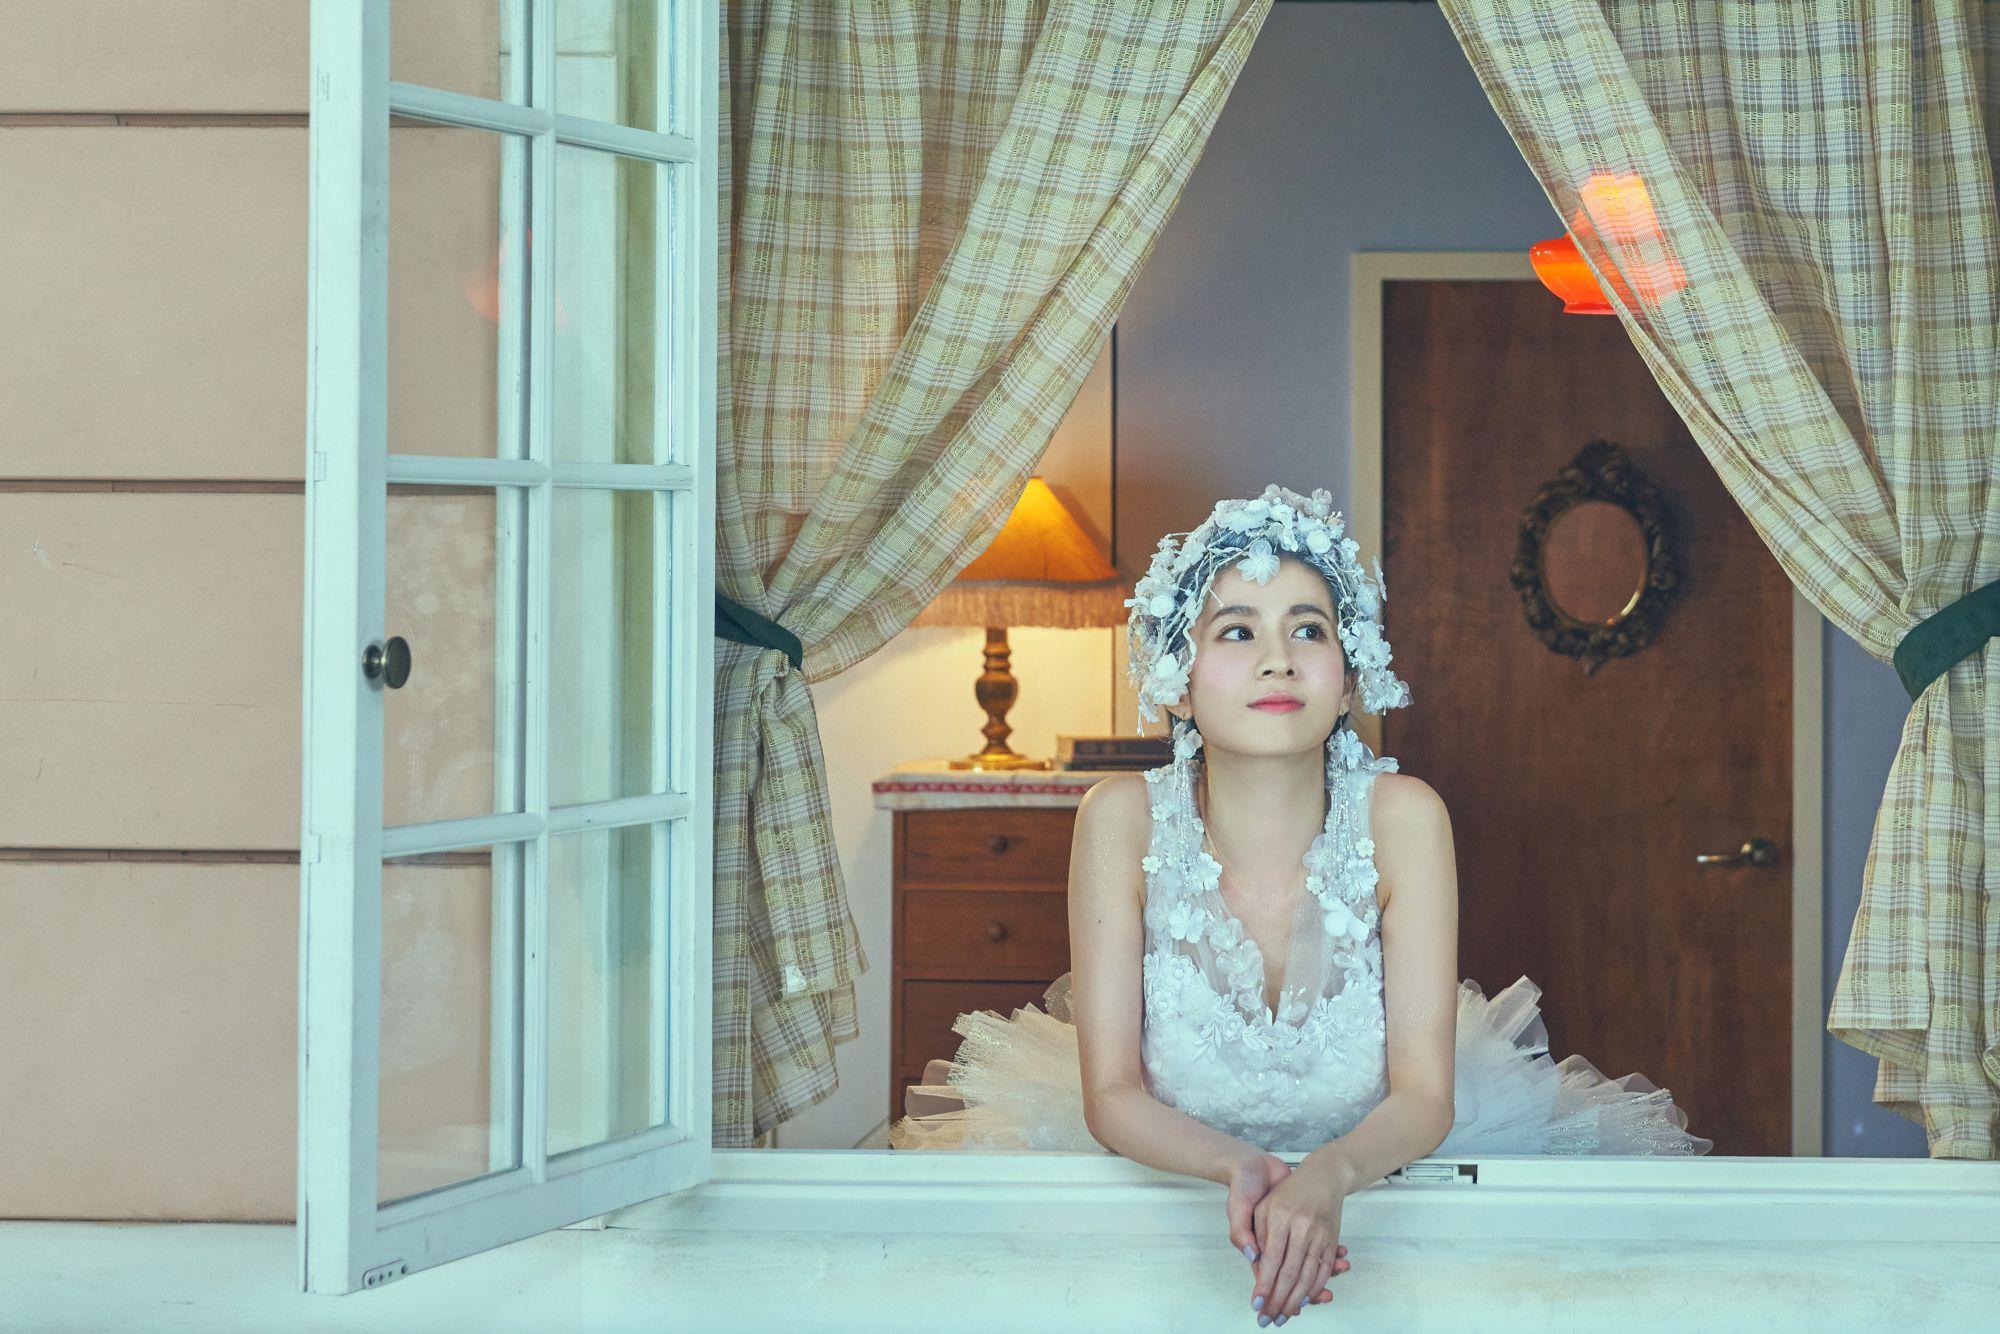 曾演出「故宮×青春」影片女主角連俞涵,詮釋晉代王羲之〈快雪時晴帖〉,飾演褪去一襲華服的女明星。